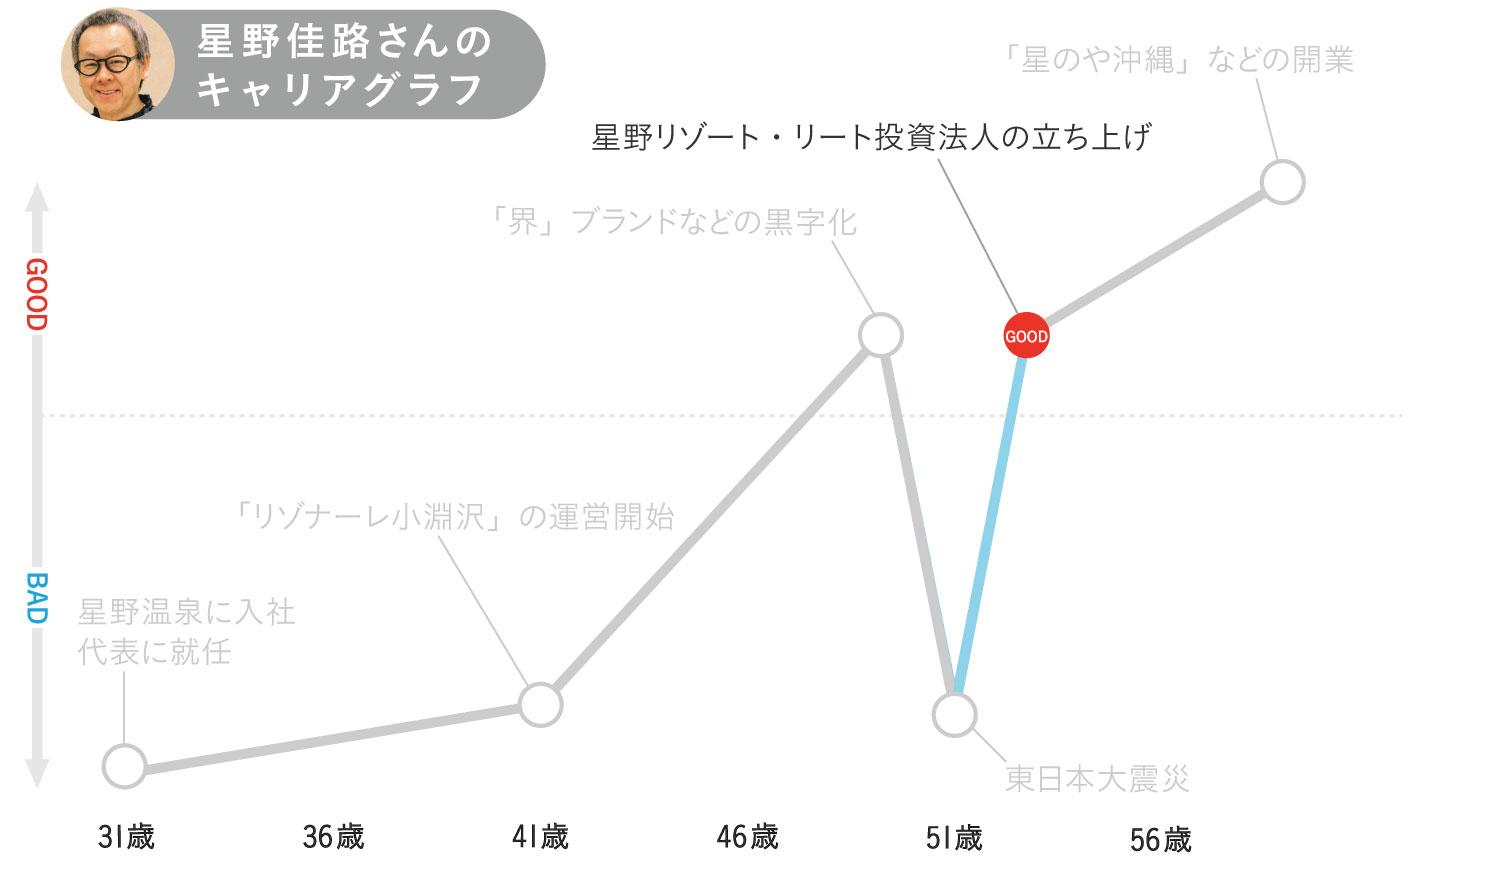 星野佳路さんのキャリアグラフ5